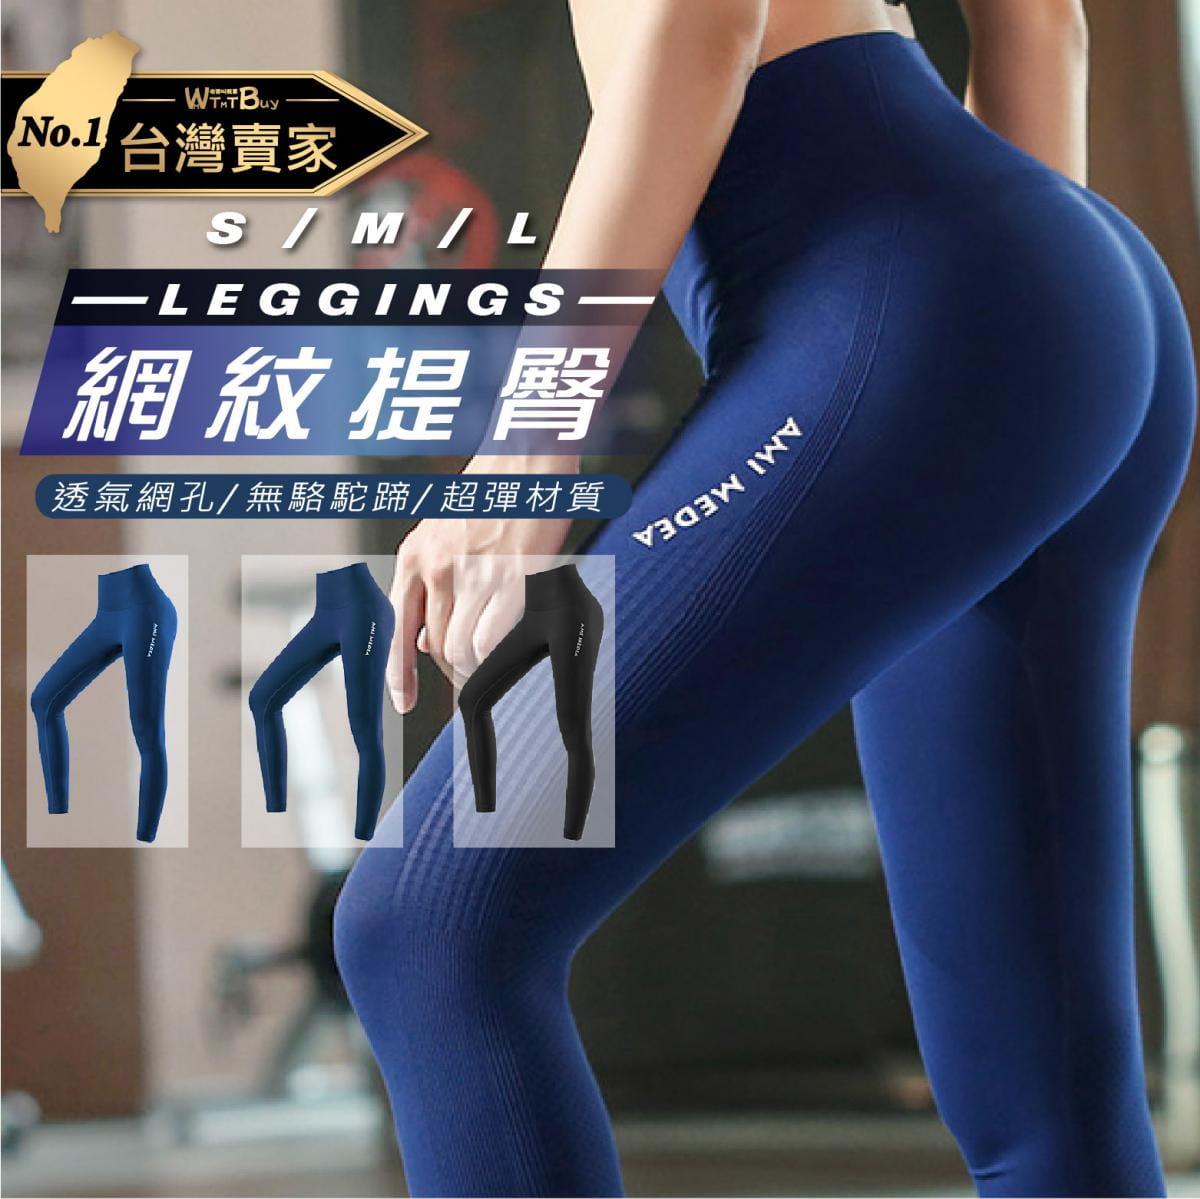 ??老婆叫我買 時尚運動功能型Legging 提臀 包覆 高腰 瑜珈 健身 彈力 壓力褲 運動 0